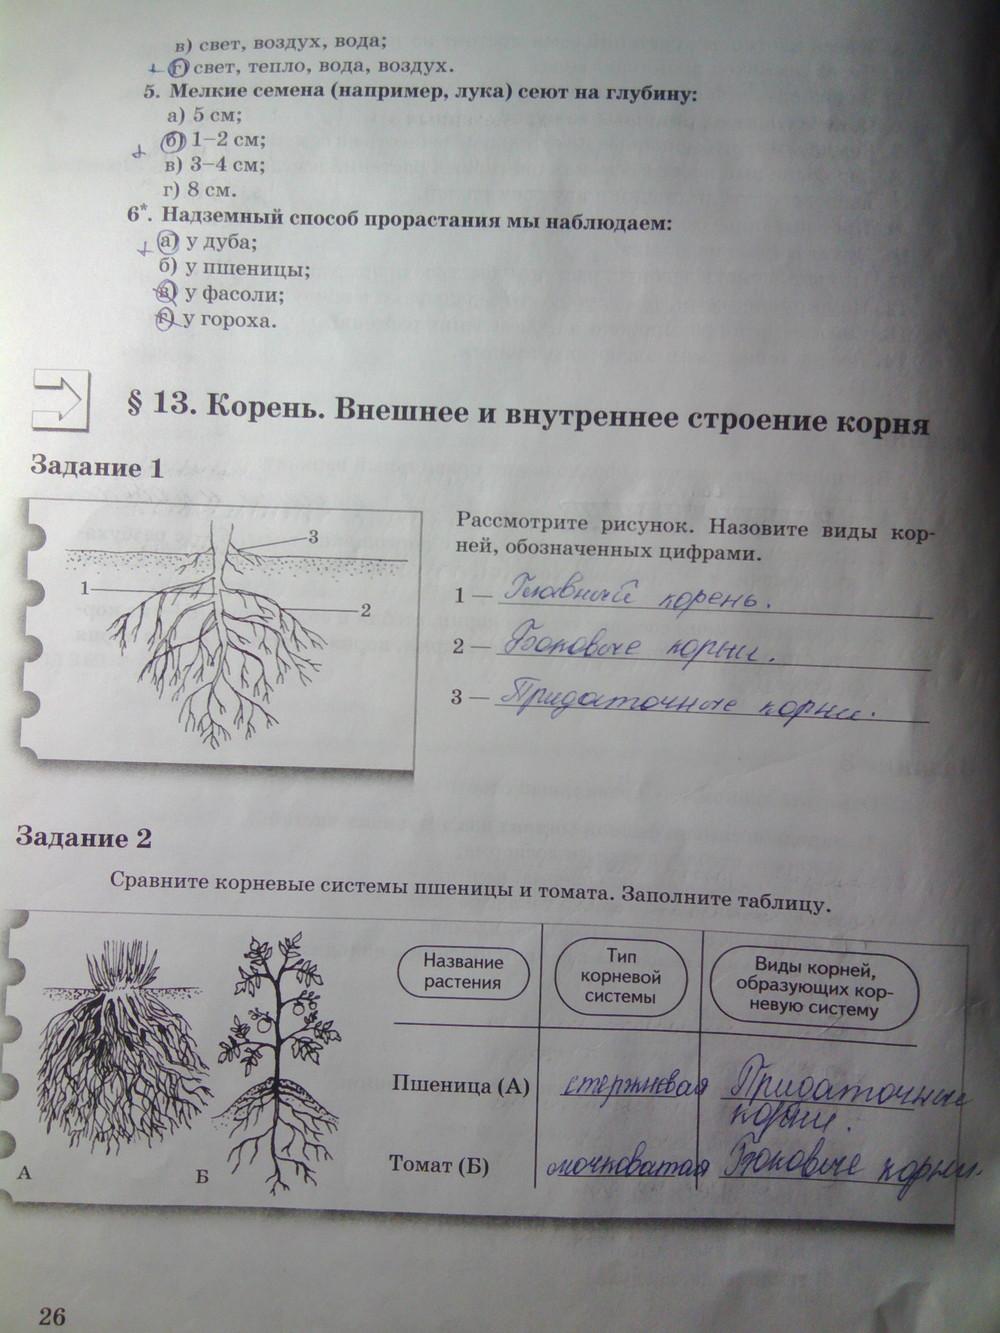 гдз по биологии 6класса рабочая тетрадь часть 2 пономарев корнилов